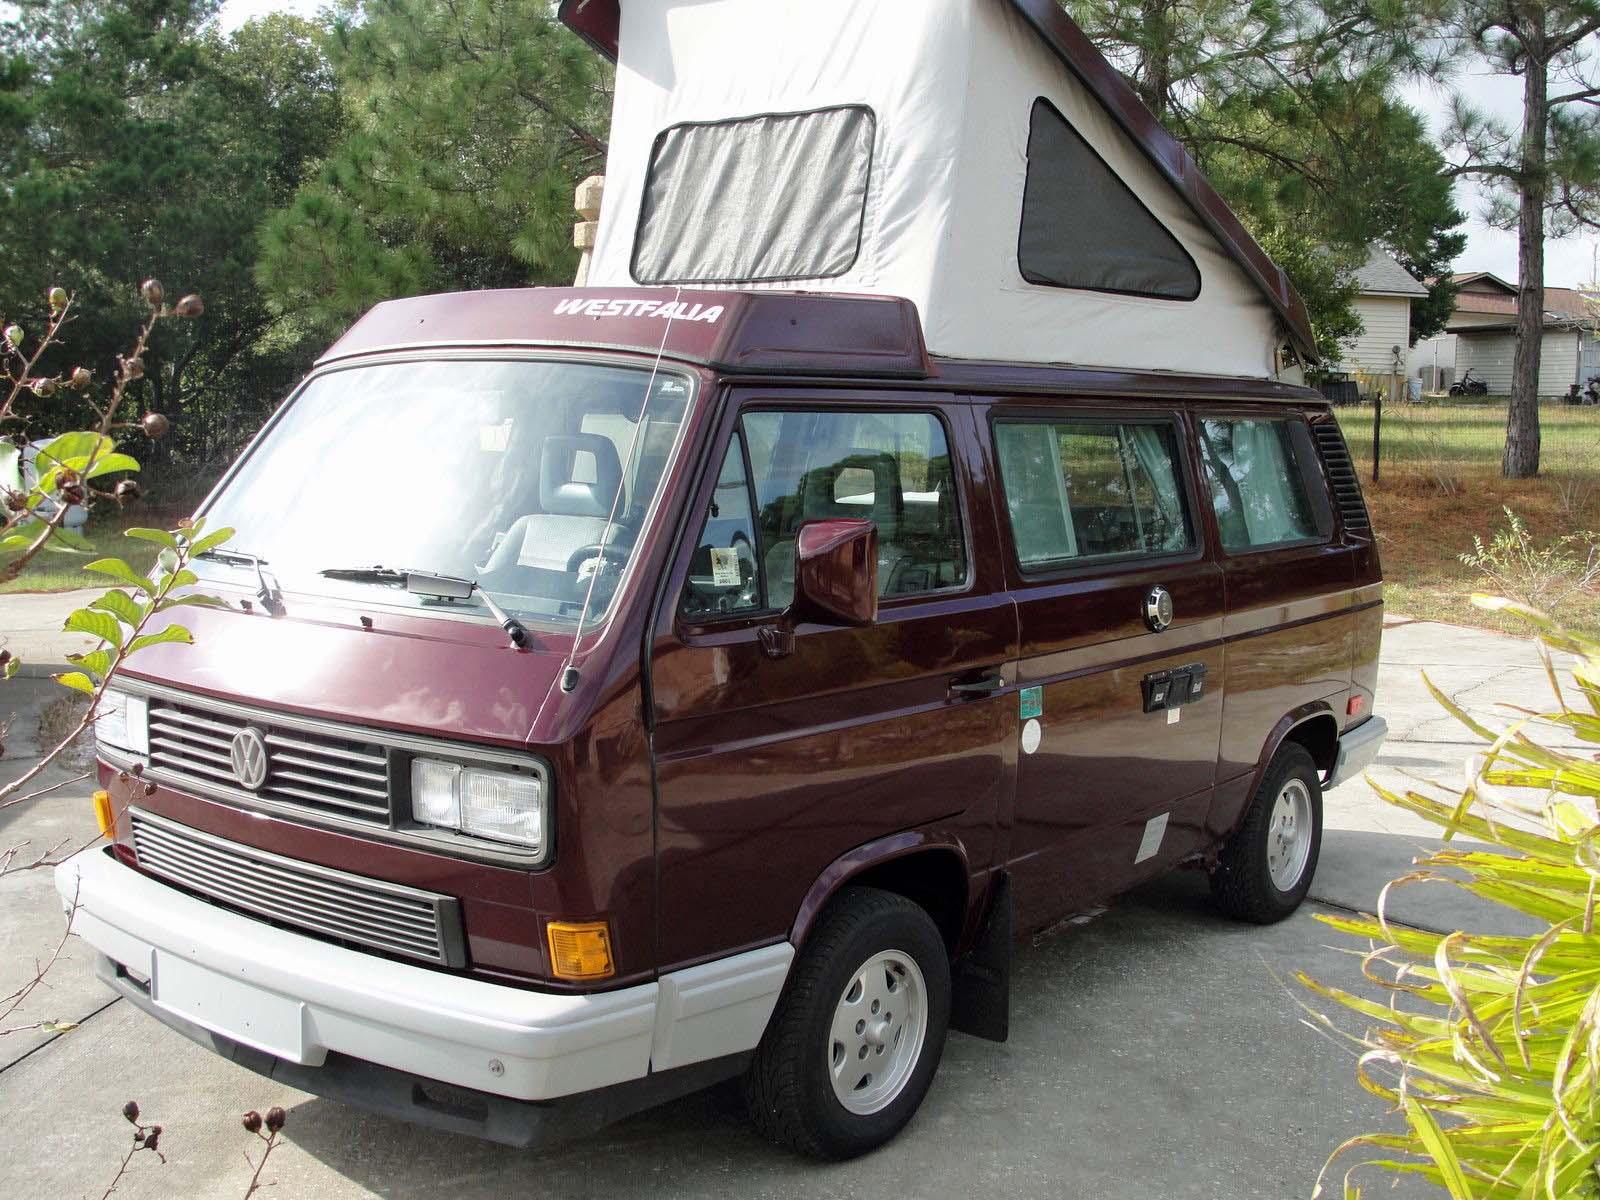 1990 VW Vanagon Westfalia Camper - 117k - Auto - $19,500 in Flor